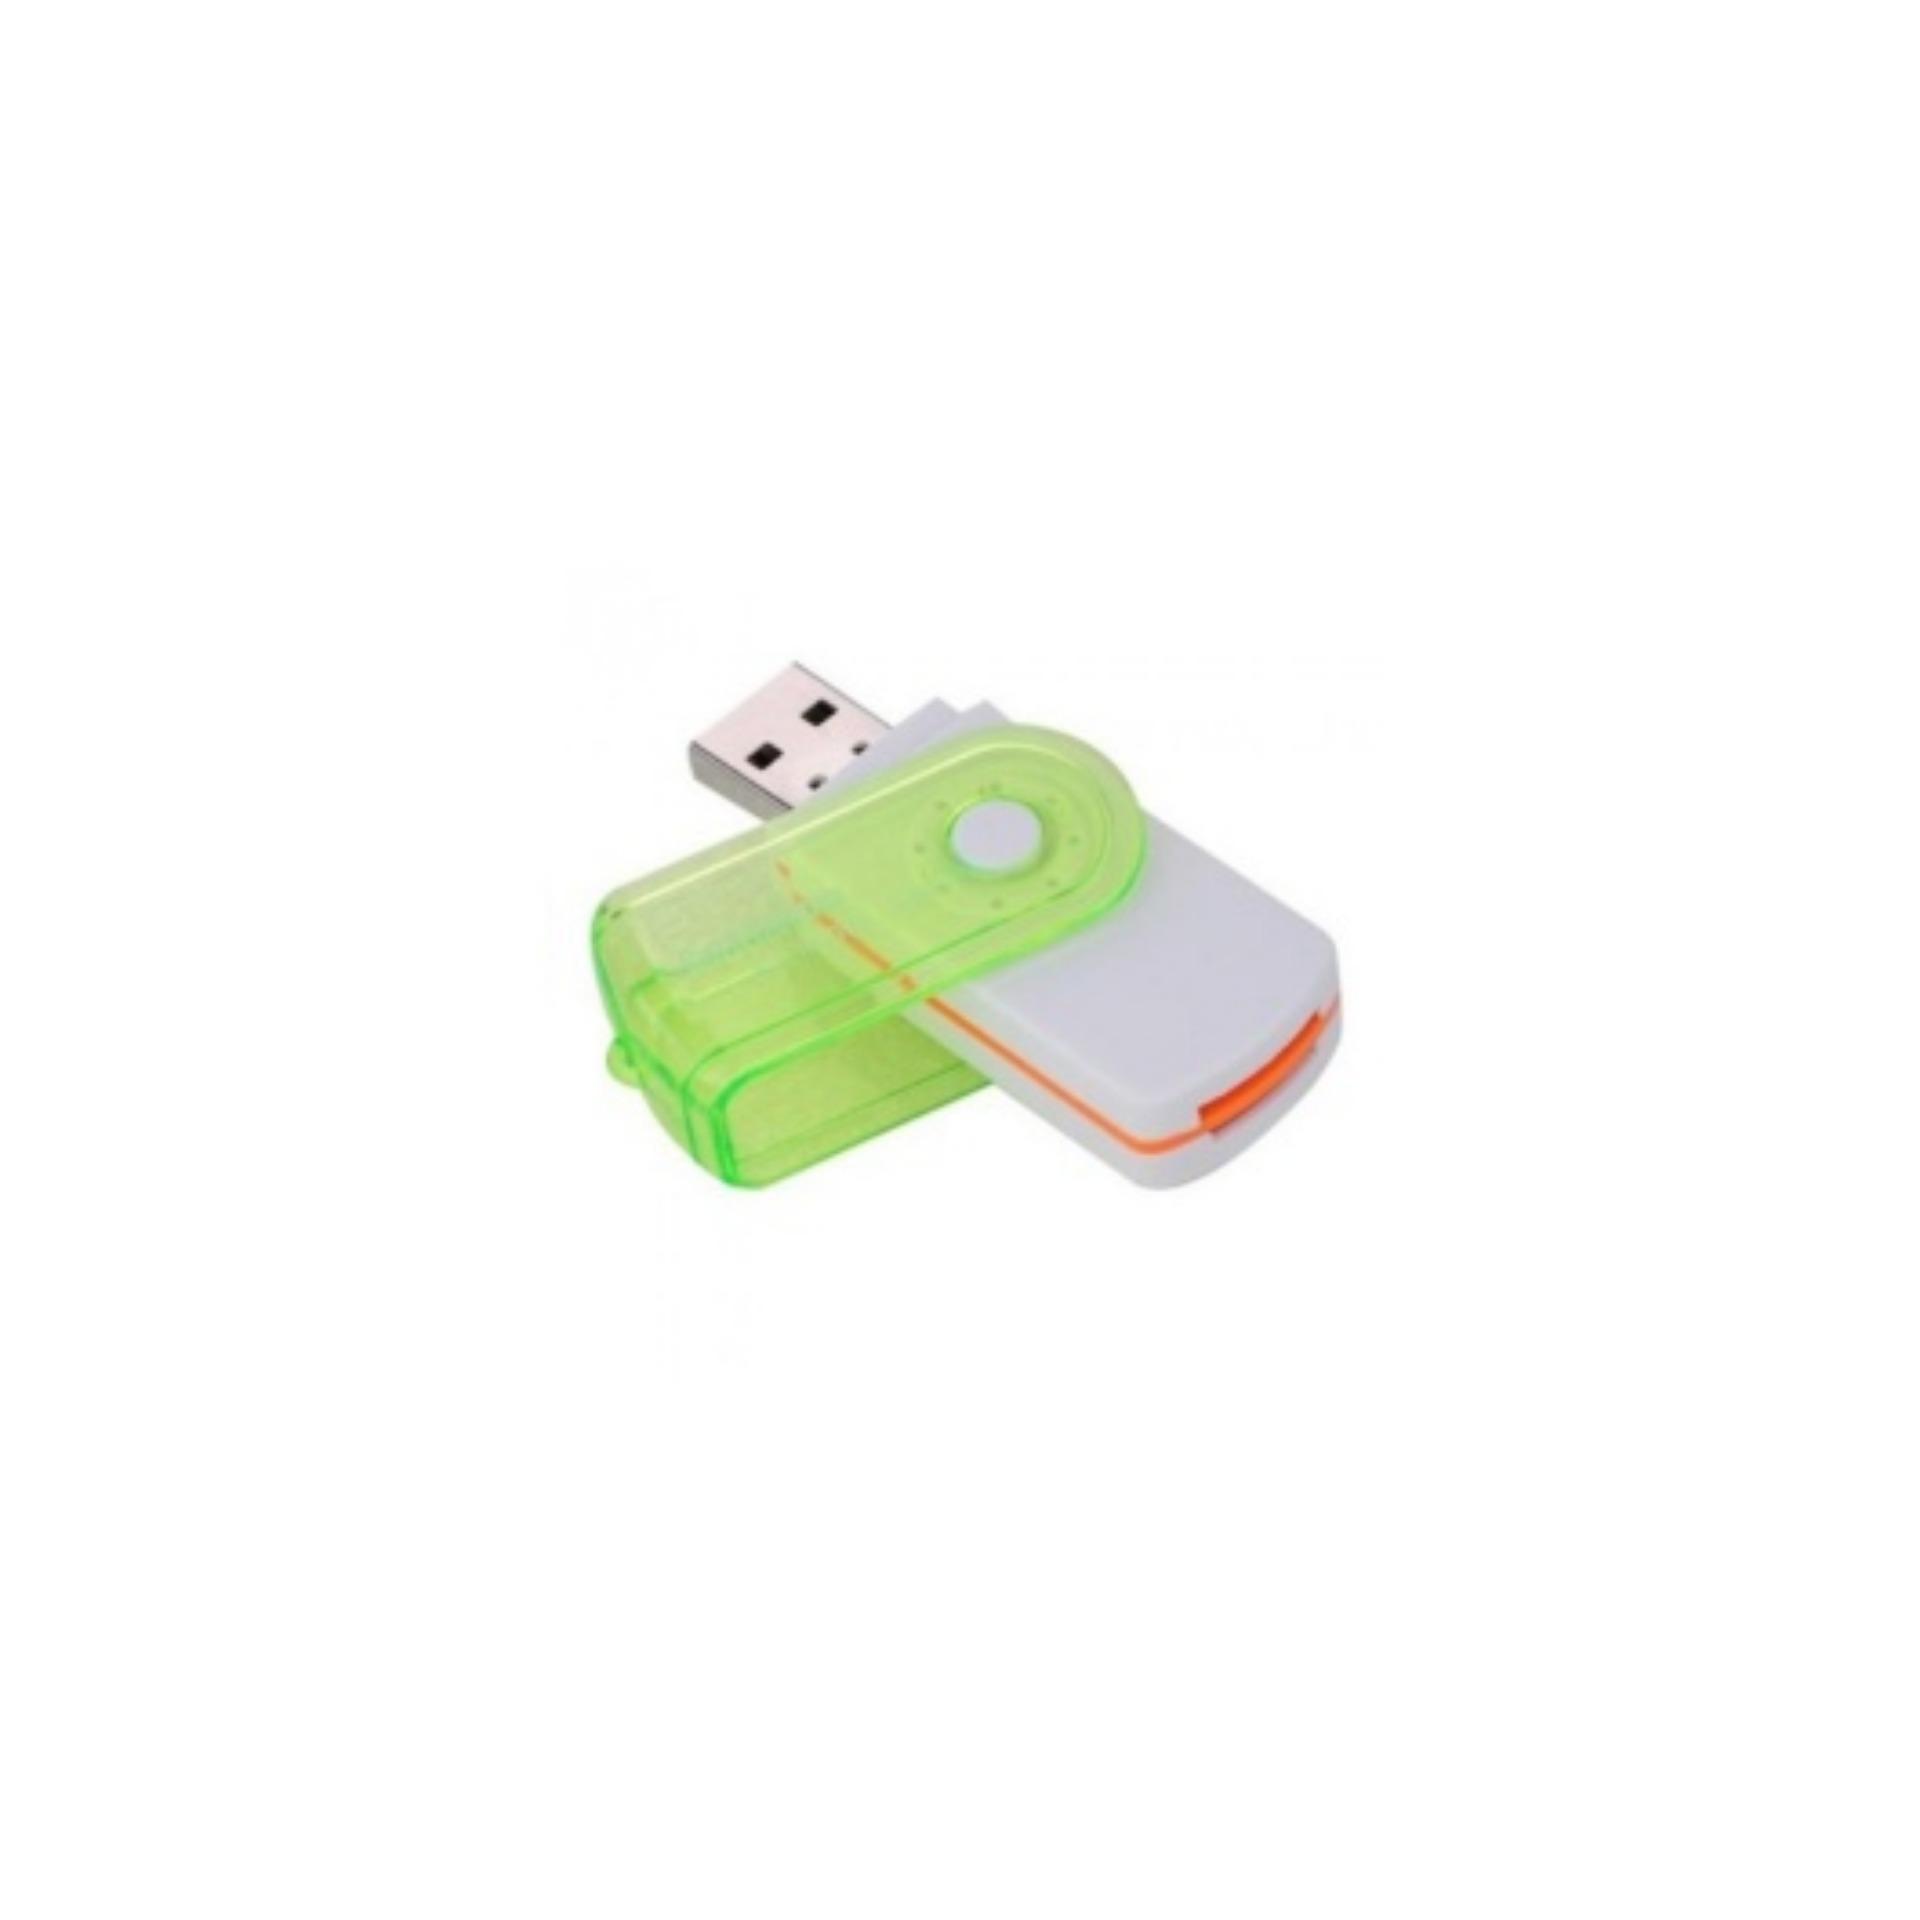 Đánh giá Đầu Đọc Thẻ Nhớ USB Tại Trí Đại Thành